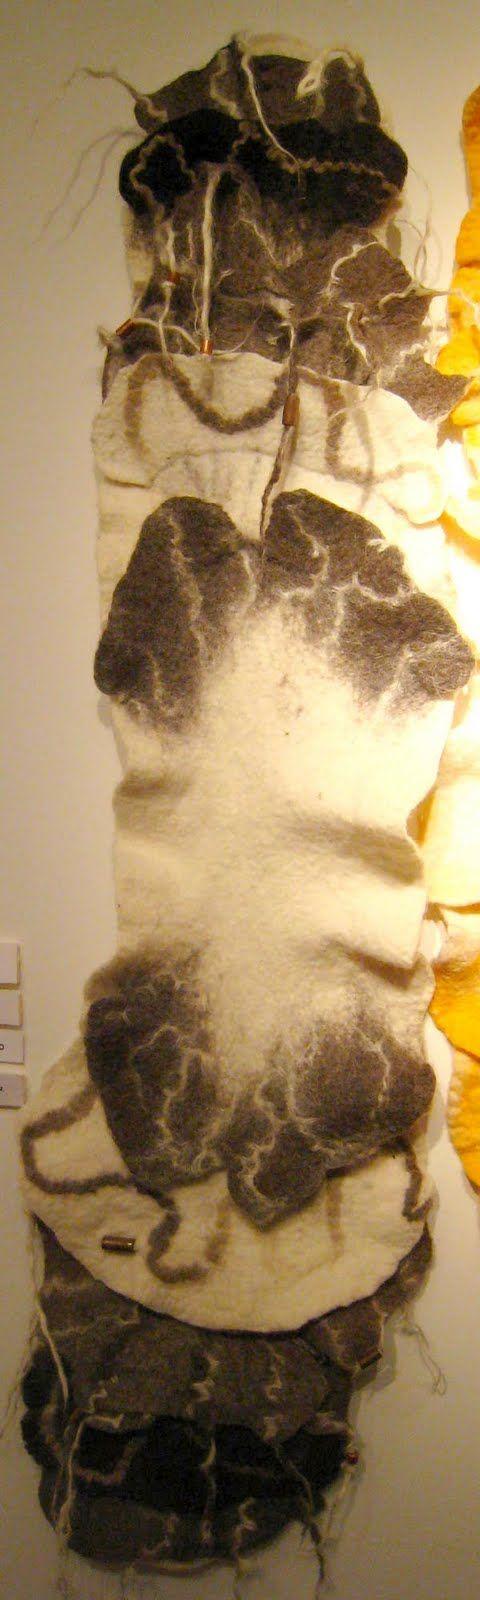 Ensamble Onalaer.  Cuello realizado en fieltro de lana merino, con intrevenciones de piezas de orfebrería. Fieltro: Alejandra Rodríguez / Orfebre: Nora Grinberg. Muestra Experimentación en Fieltro Artesanal, C.A.A.T. agosto 2011